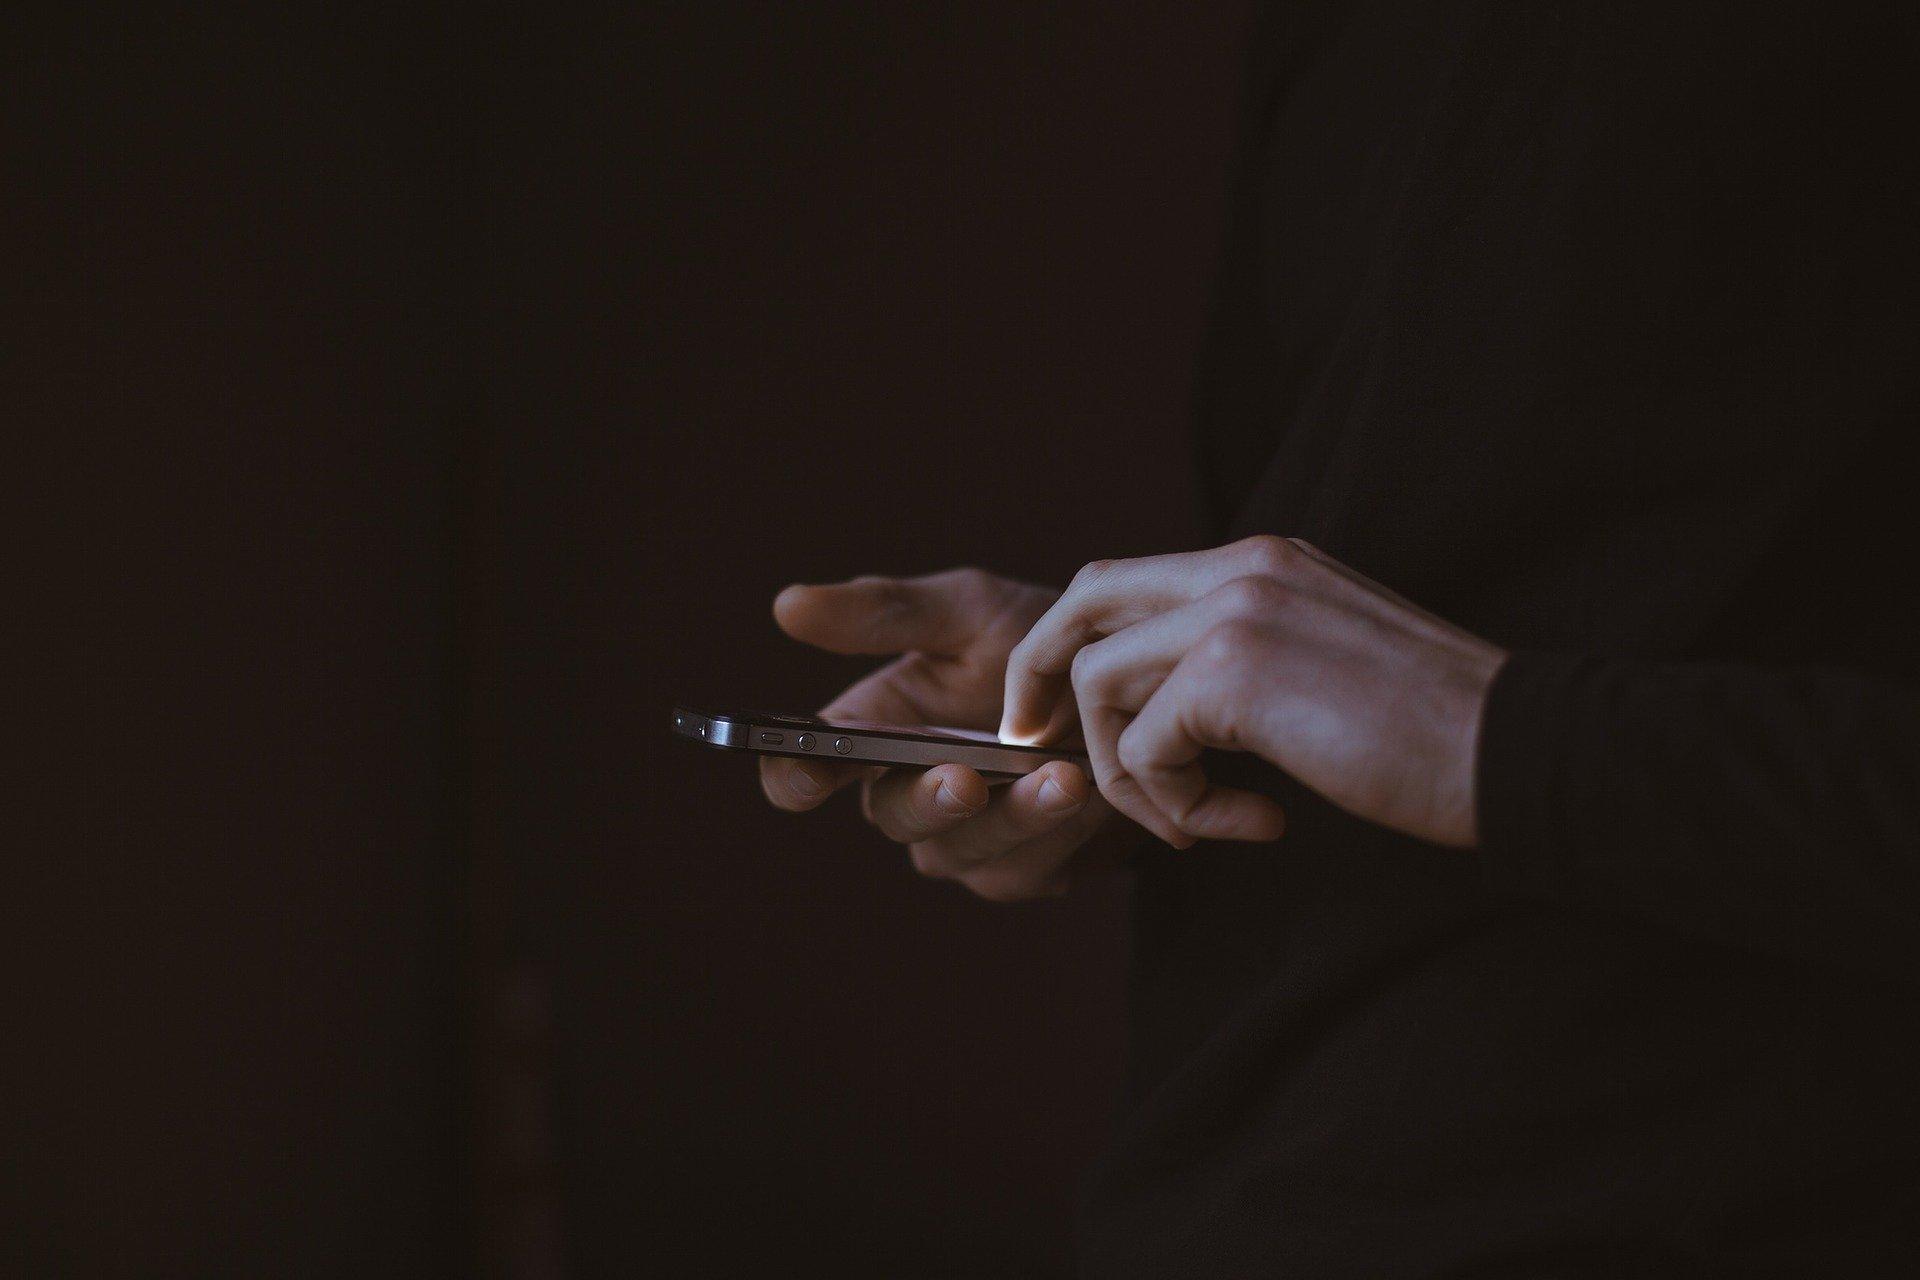 Zakaz używania telefonów komórkowych w szkołach w Arabii Saudyjskiej